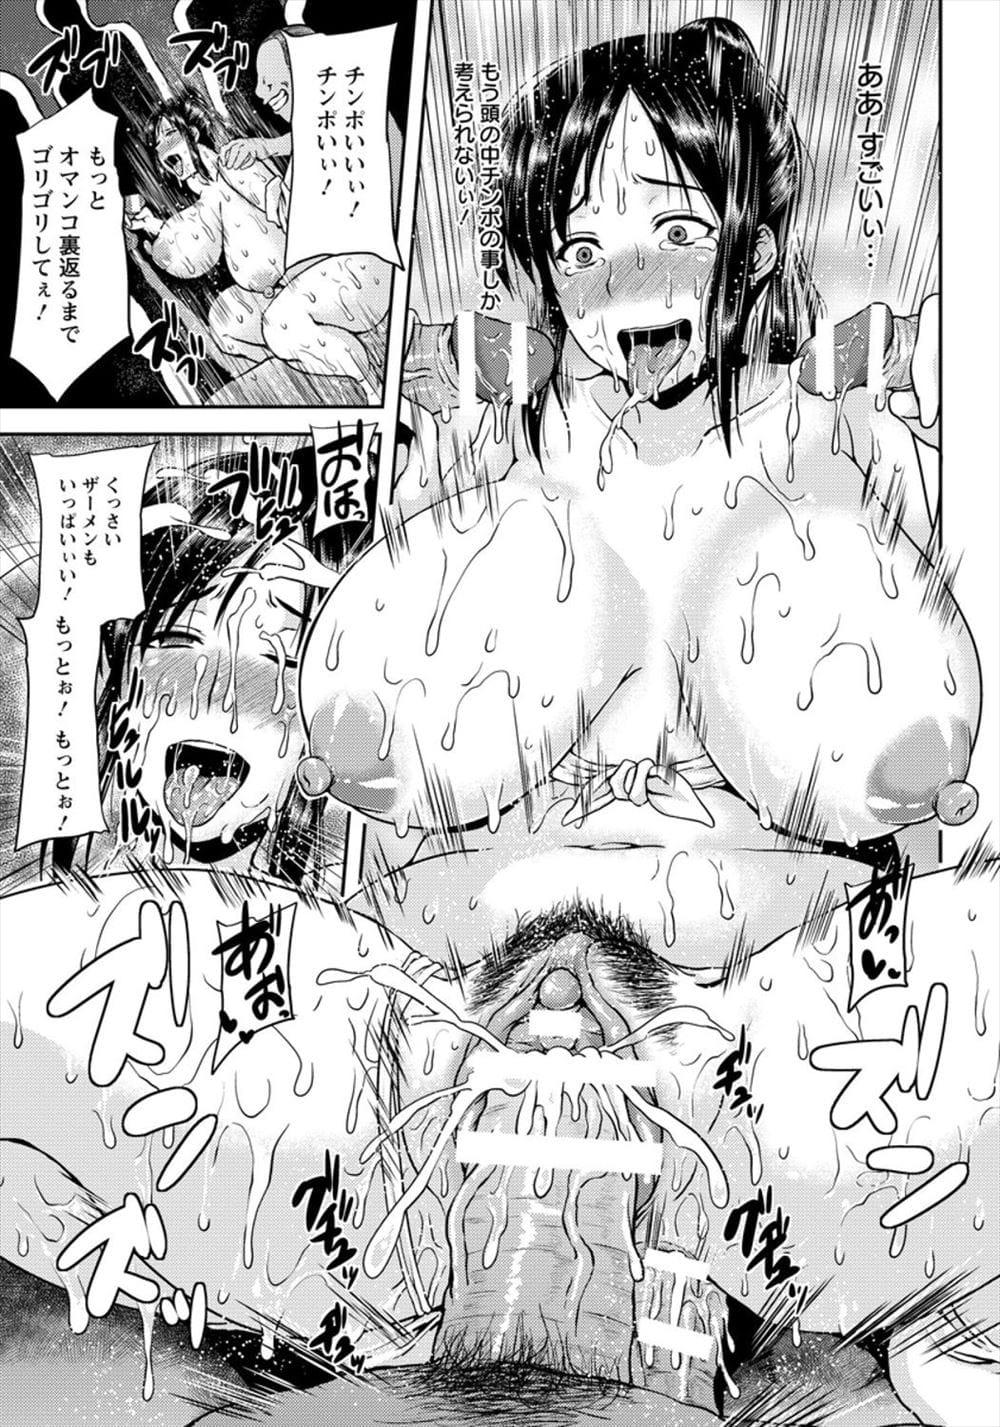 【エロ漫画】神様への生贄としてフンドシ姿で輪姦される爆乳人妻!ご神木という名のエグいディルドでマンコかき回される!真実を知った奥さんは淫乱雌豚となった!【オジィ】